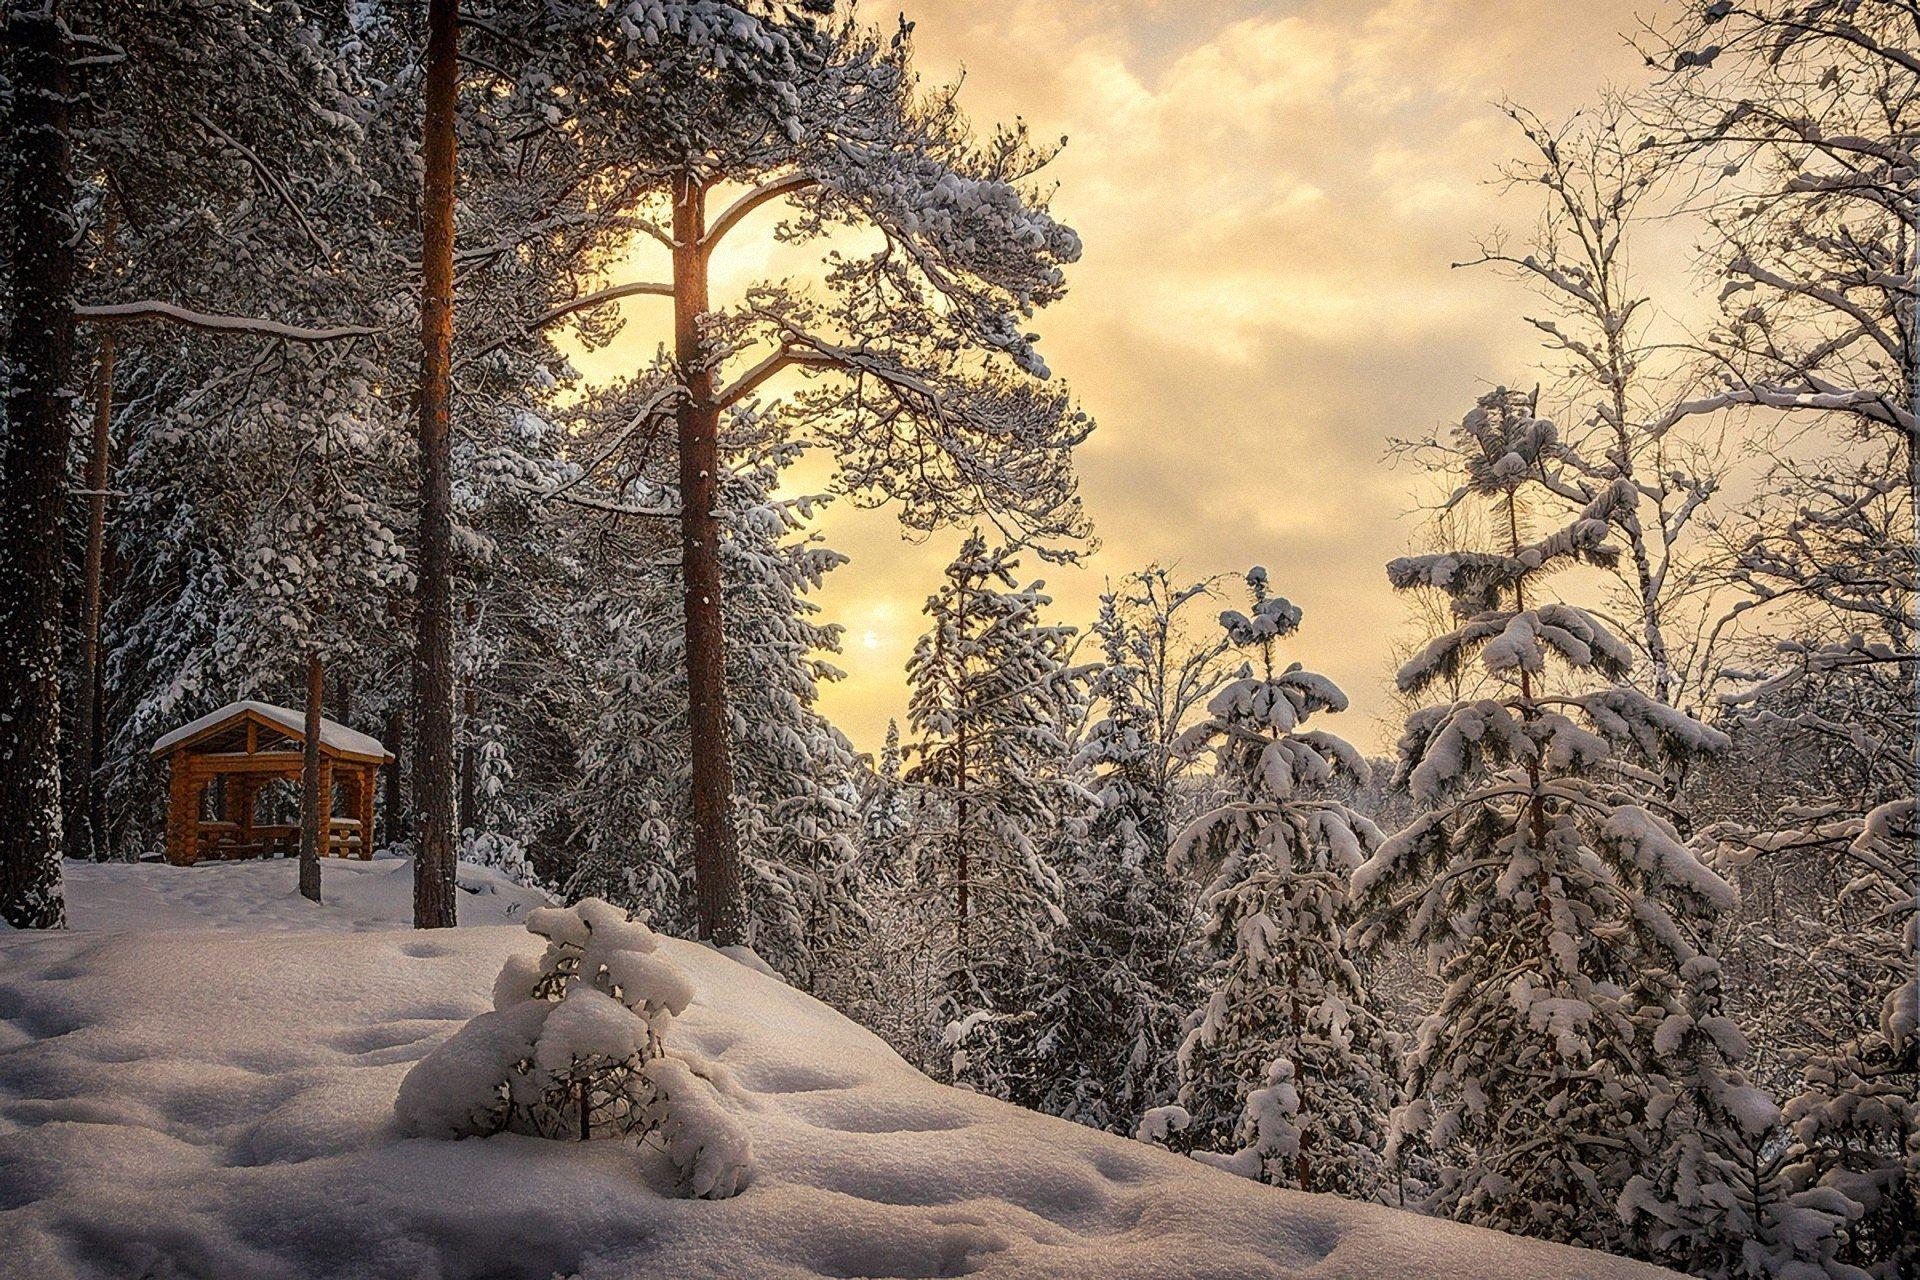 Фото зимний художественный пейзаж леса выбрать подходящий